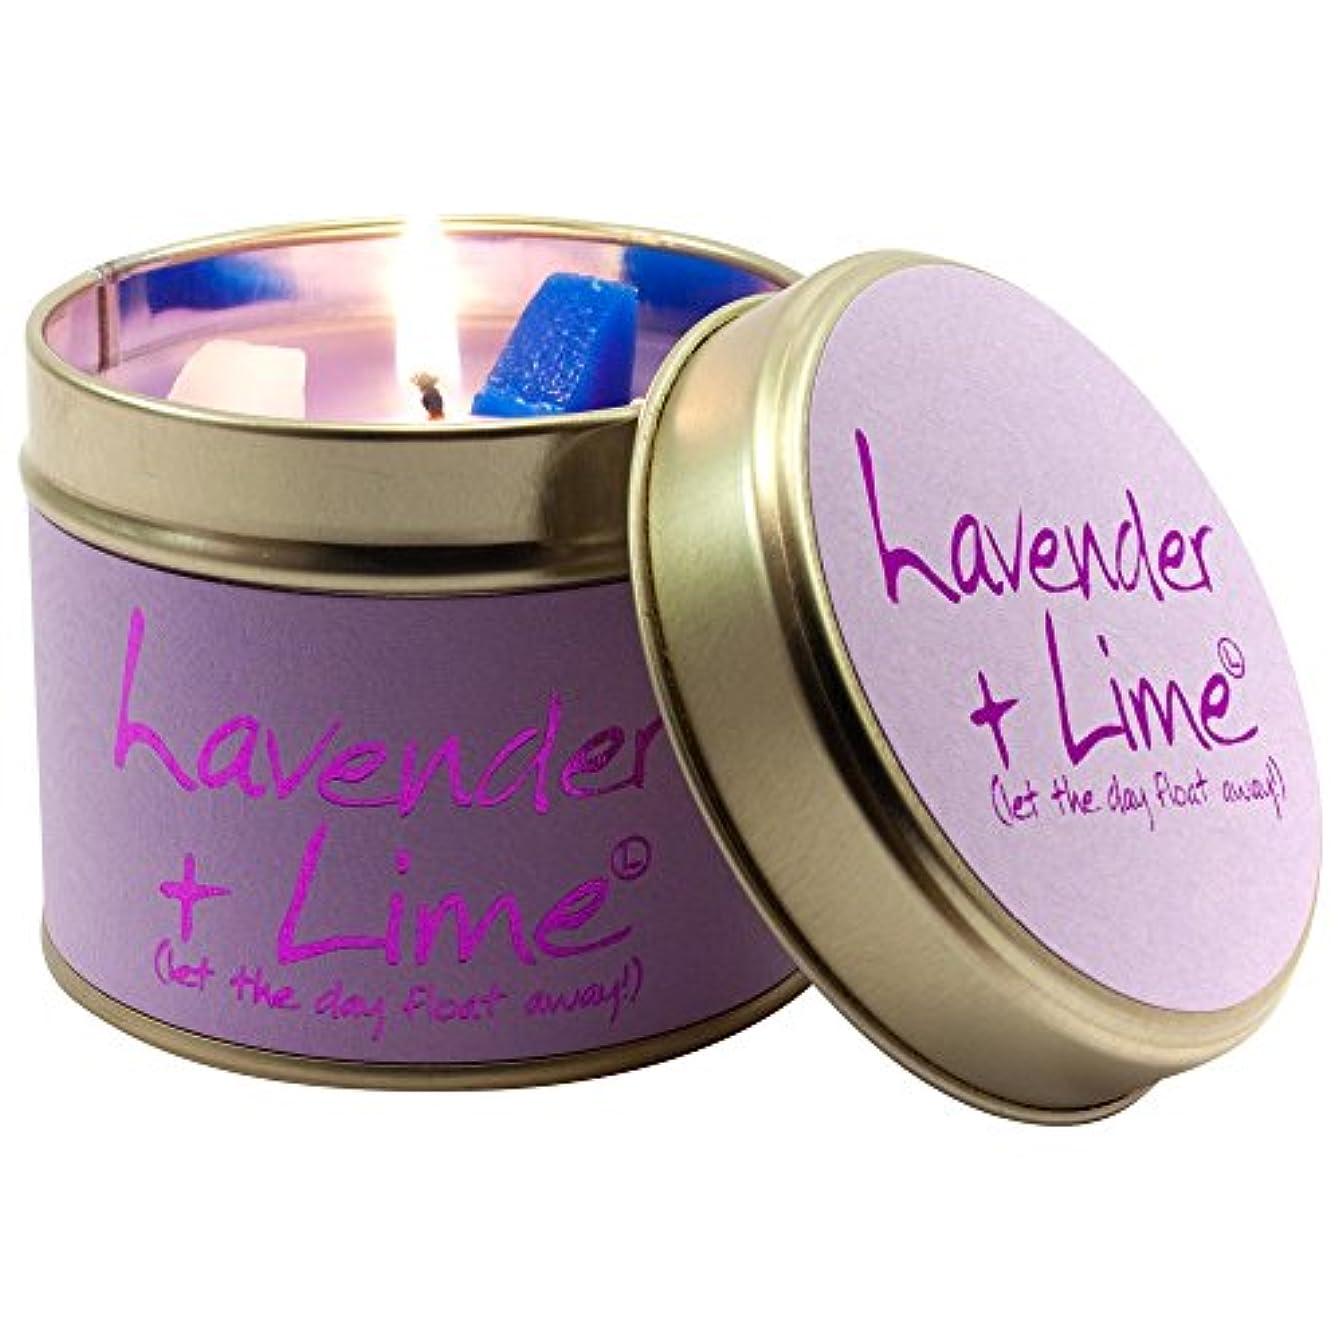 付き添い人パラメータビスケットユリ炎ラベンダー、ライムの香りのキャンドルジャー (Lily-Flame) - Lily-Flame Lavender and Lime Scented Candle Jar [並行輸入品]